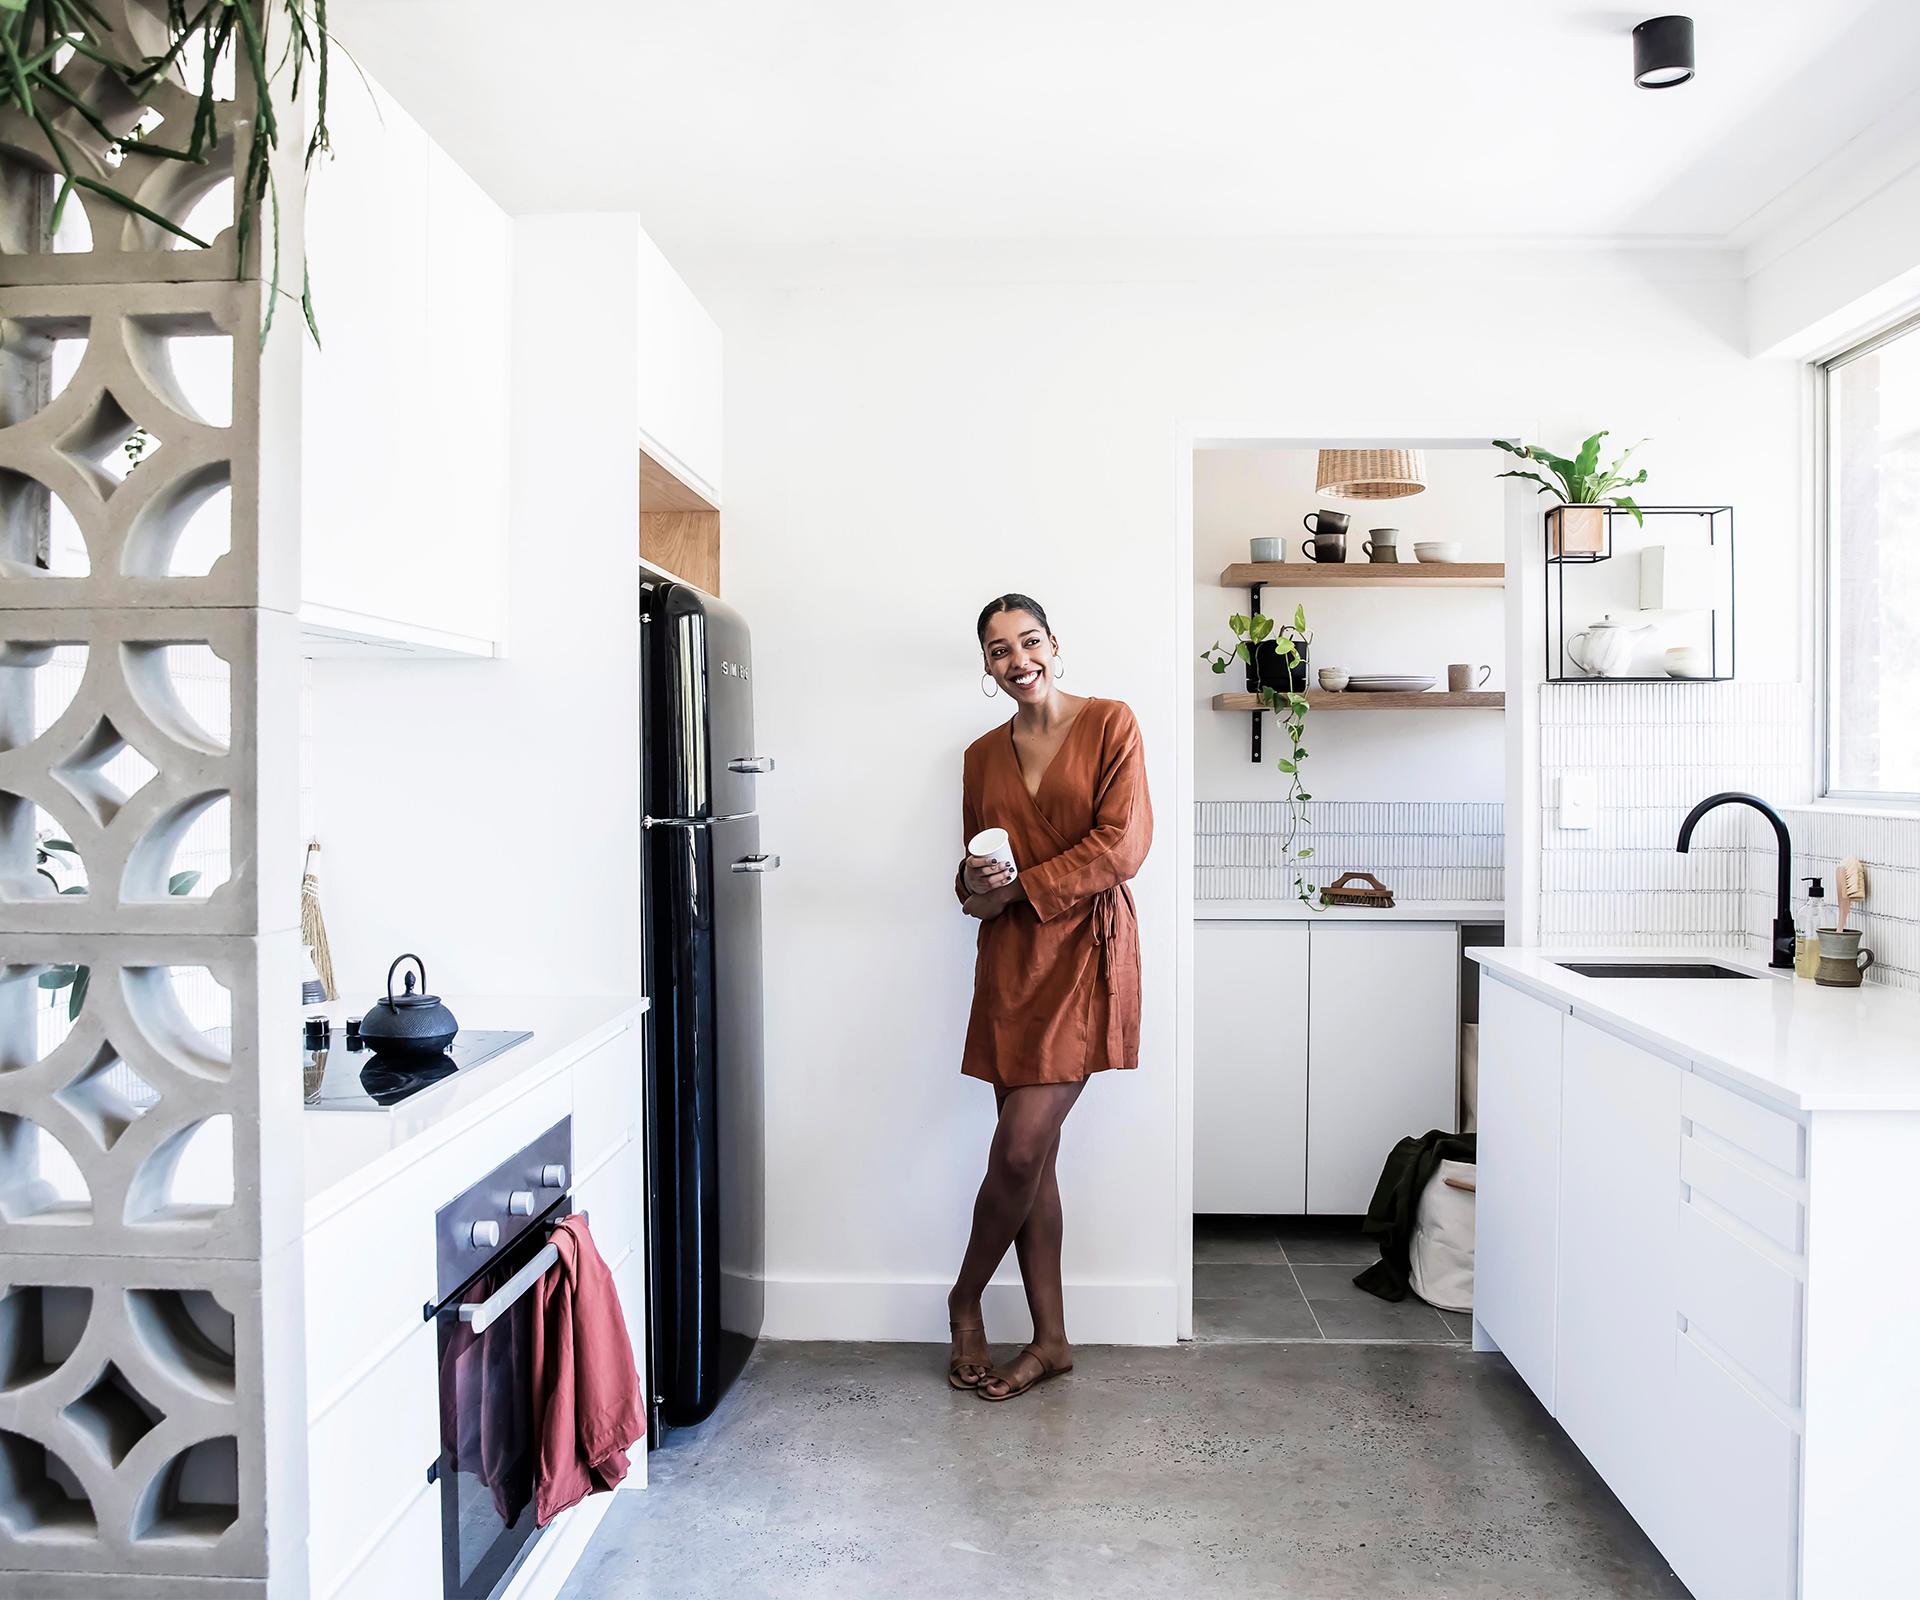 Small kitchen storage: 5 ideas to maximise space